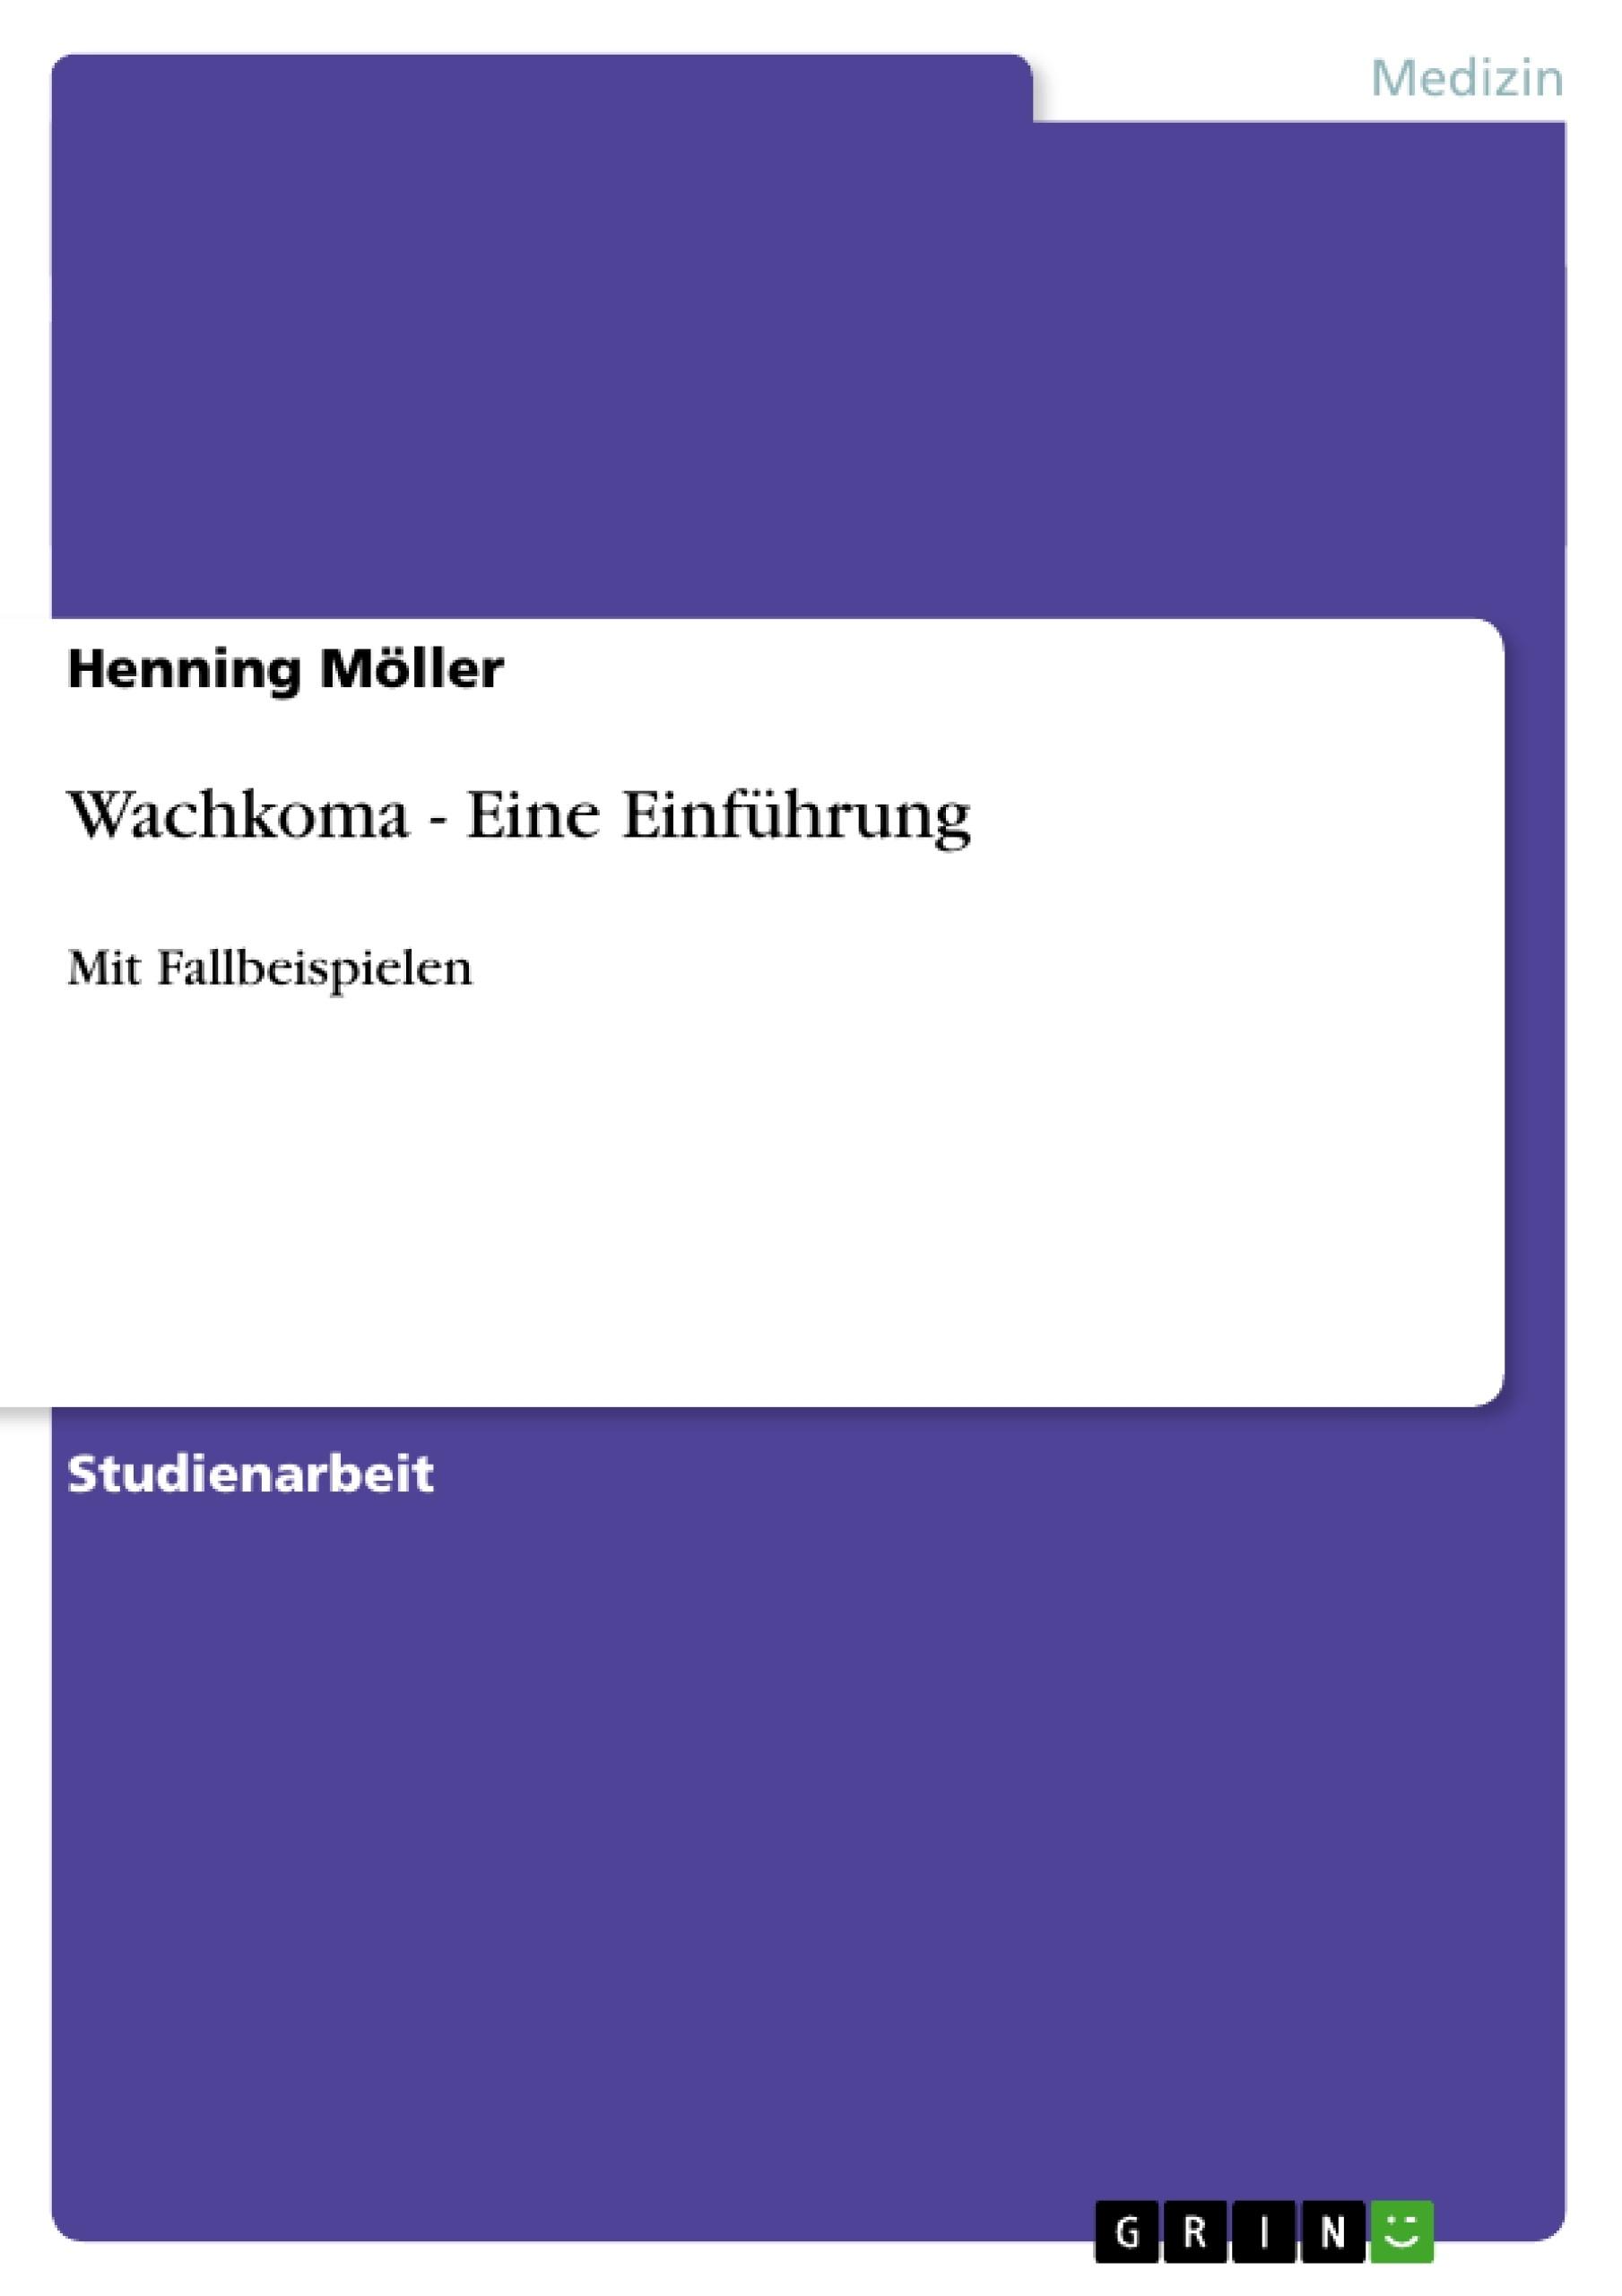 Titel: Wachkoma - Eine Einführung